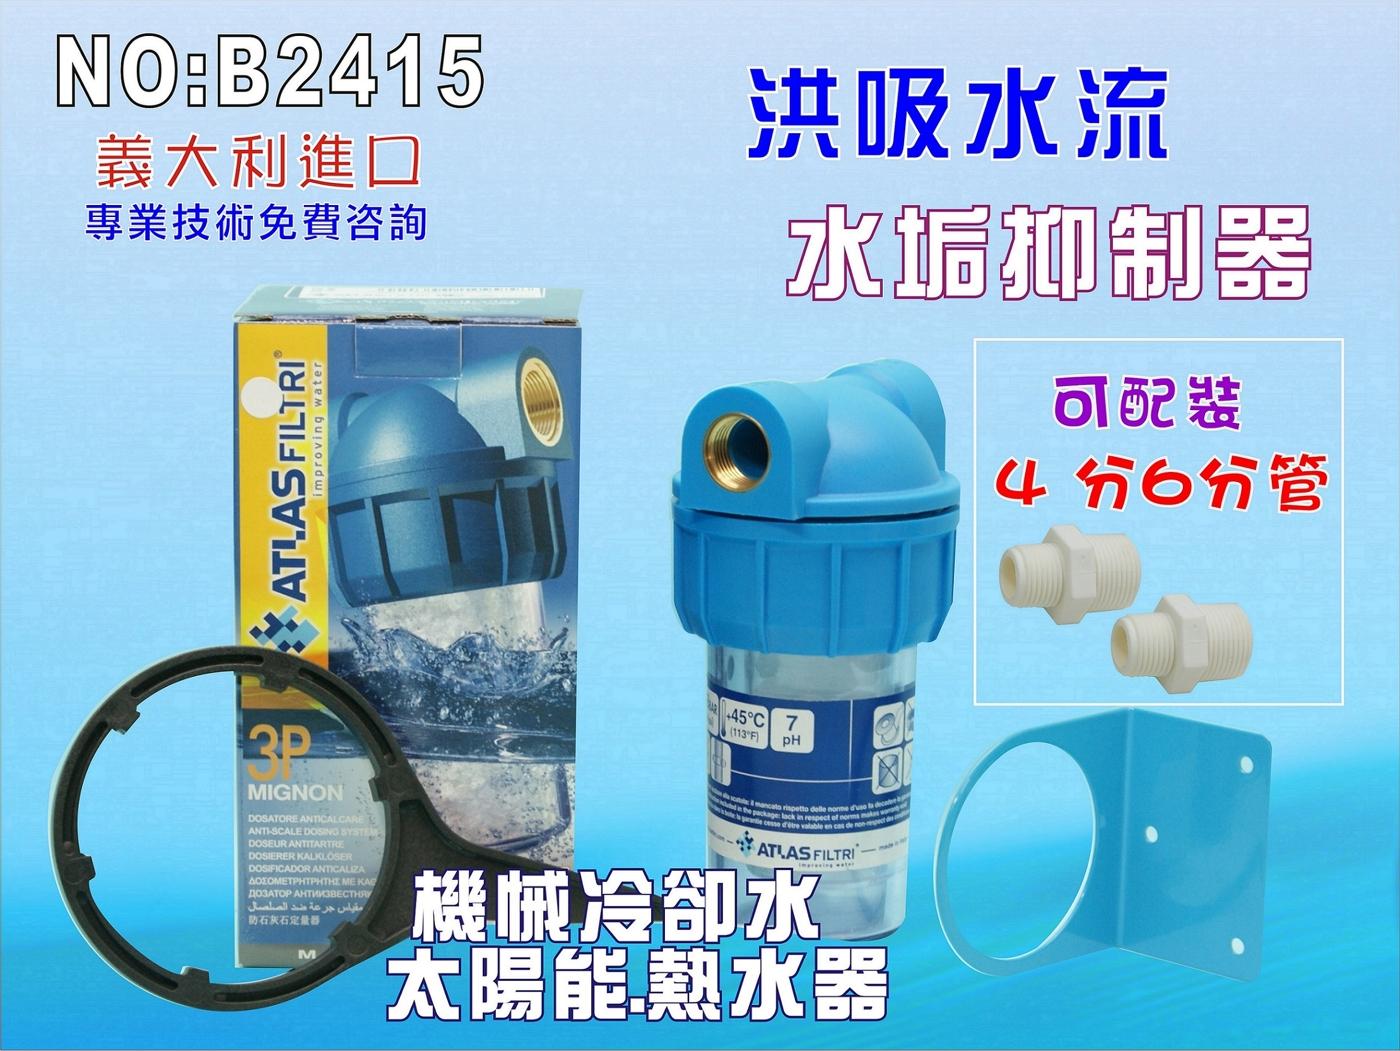 【七星淨水】義大利進口全戶式水垢抑制器淨水器太陽能熱水器水塔過濾(貨號B2415)